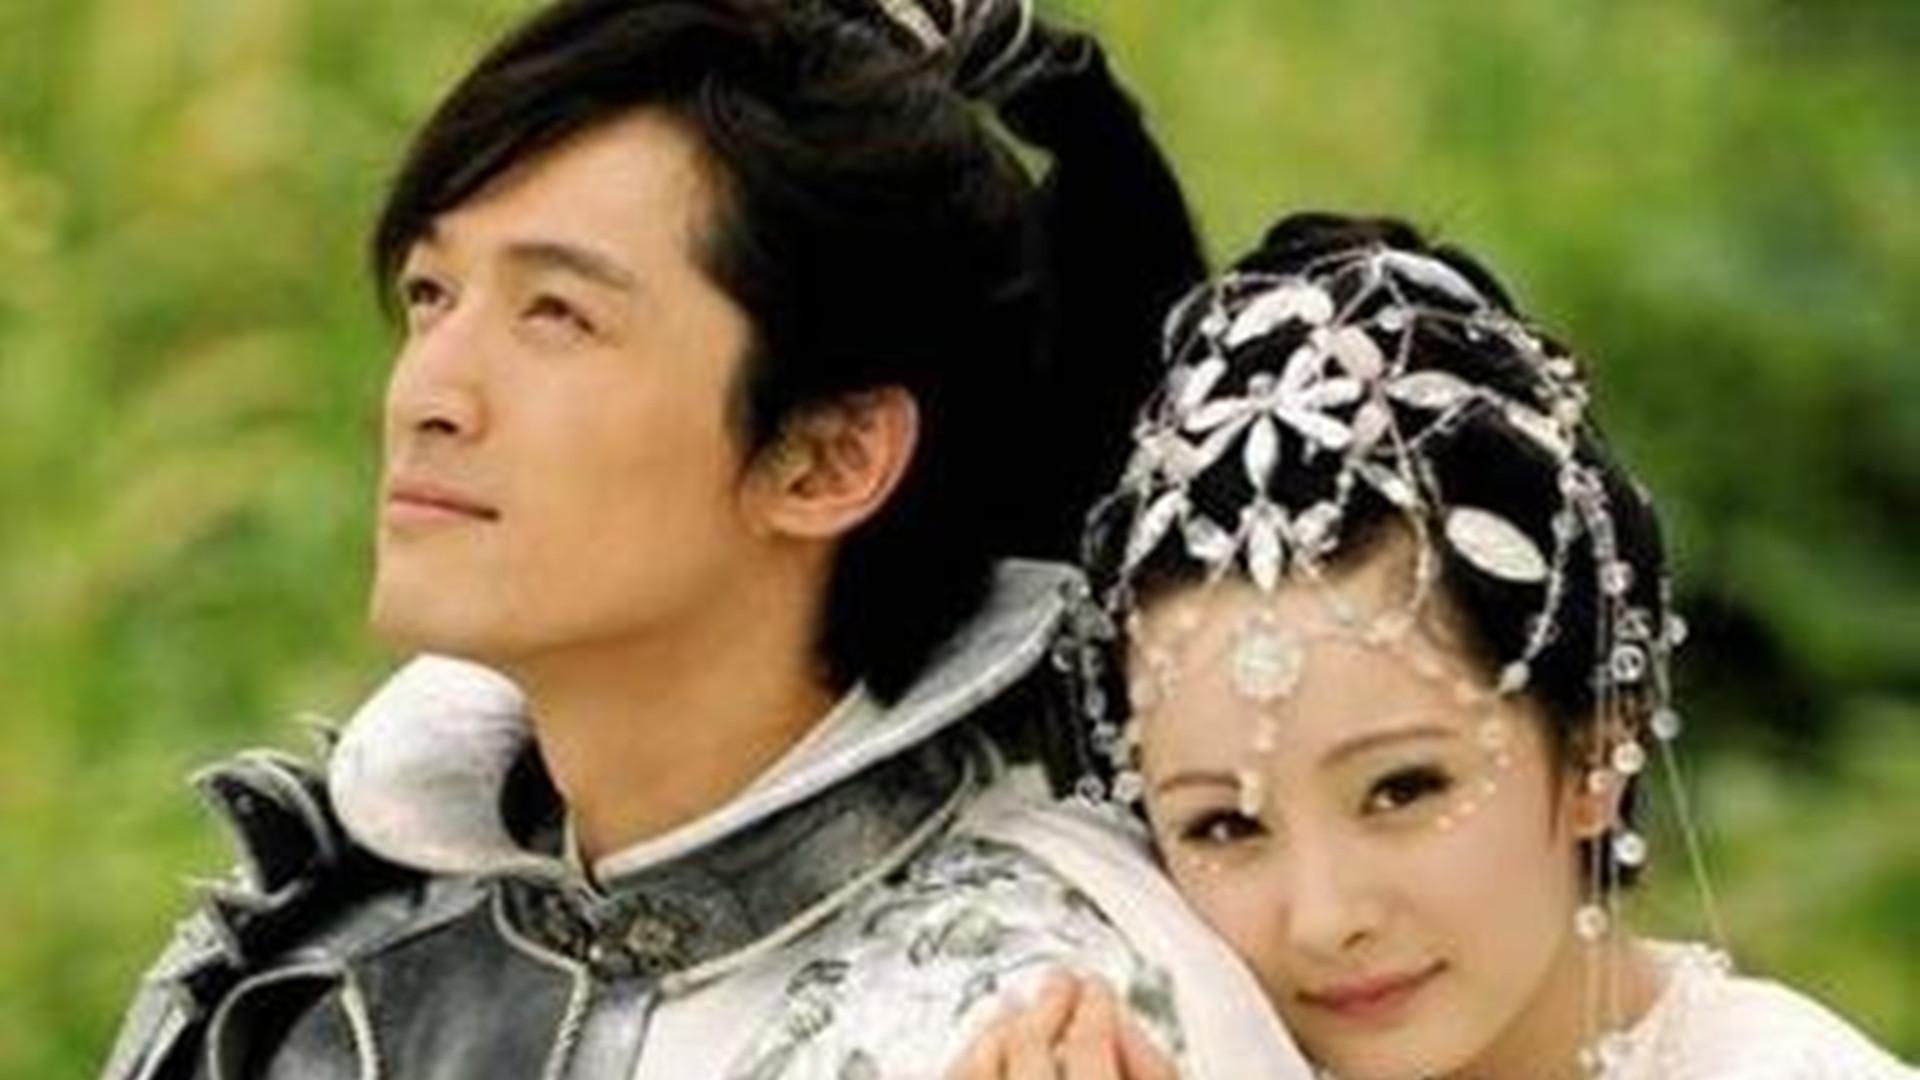 古装剧中饰演战神的男星,许凯温润如玉,邓伦自负骄傲